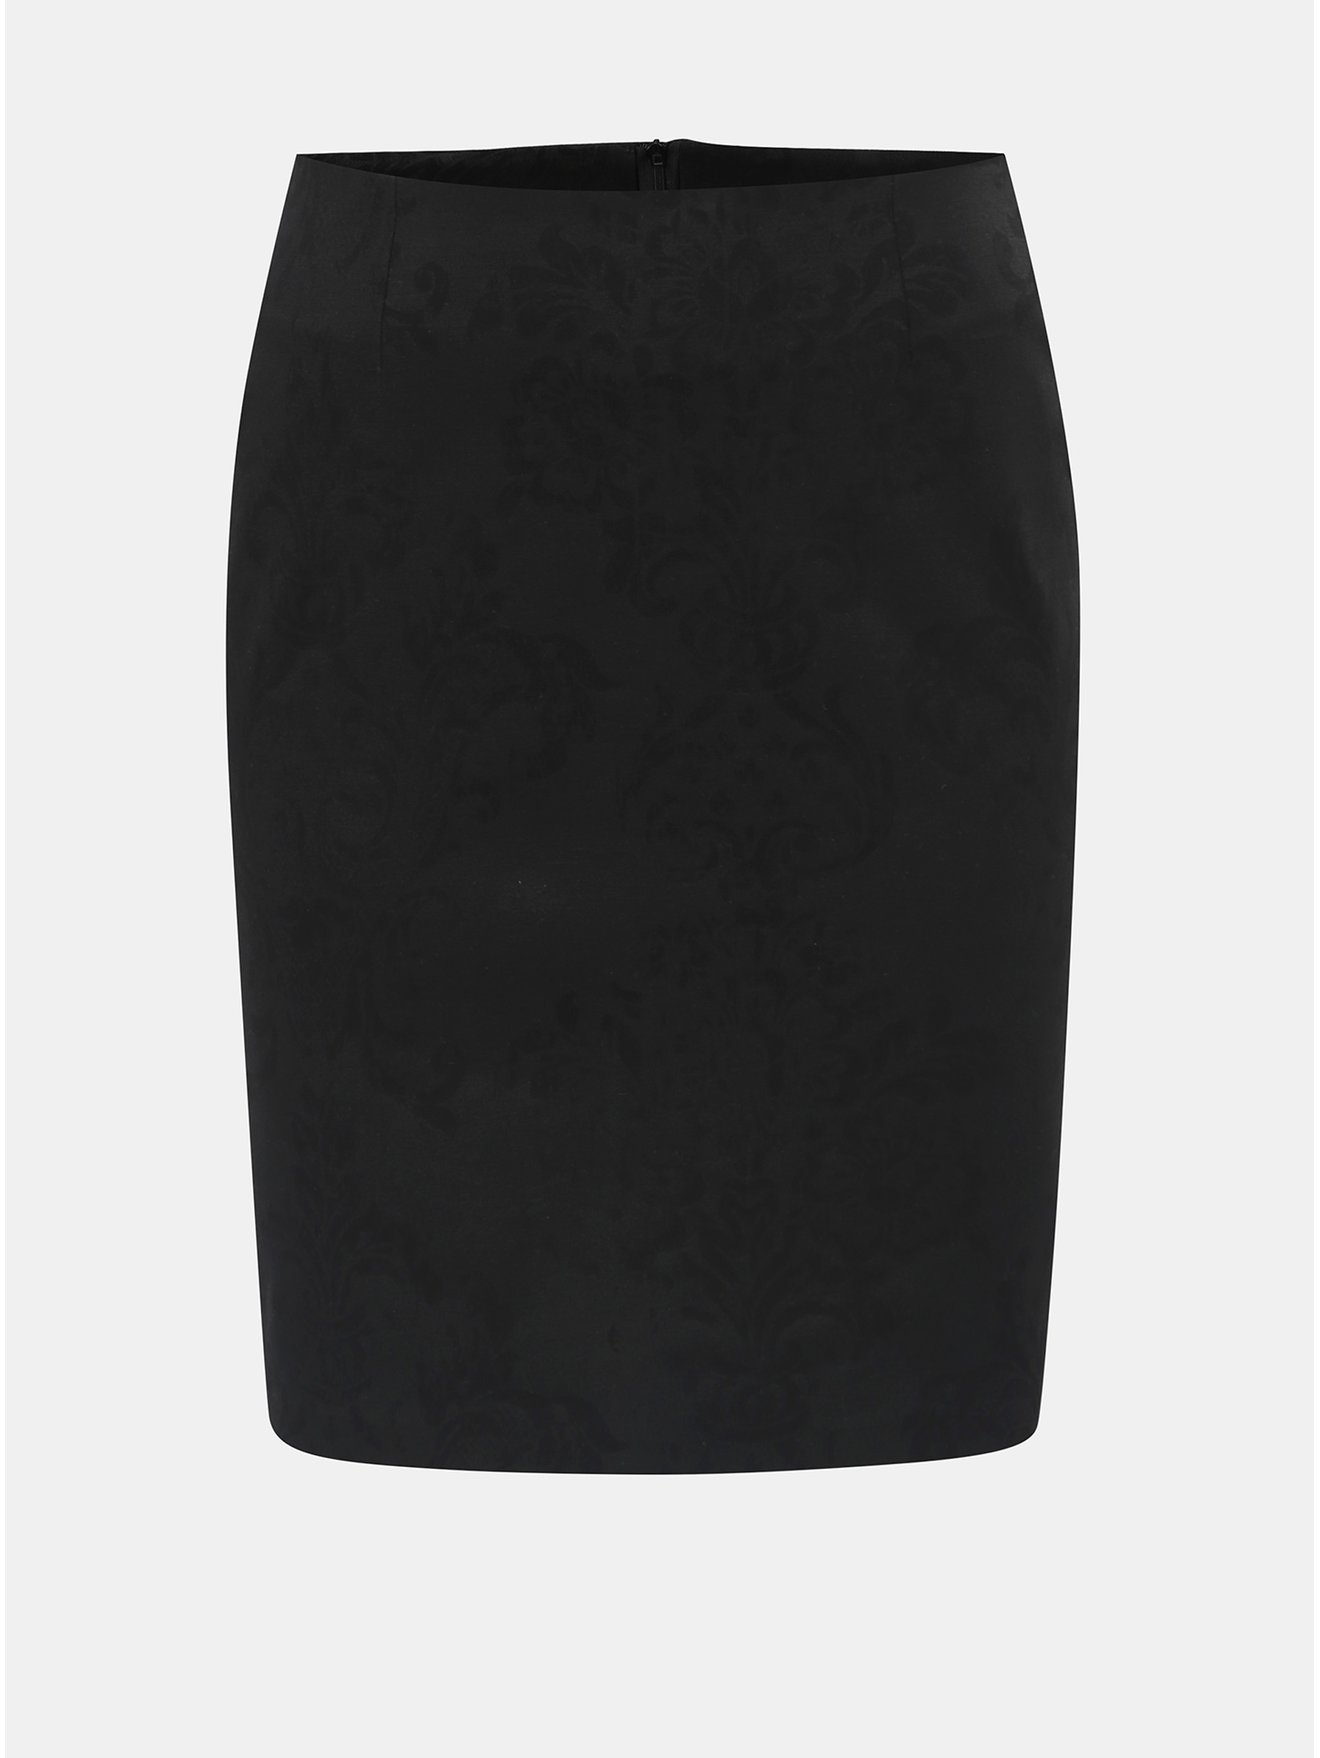 Černá květovaná sukně s rozparkem v zadní části SEVERANKA